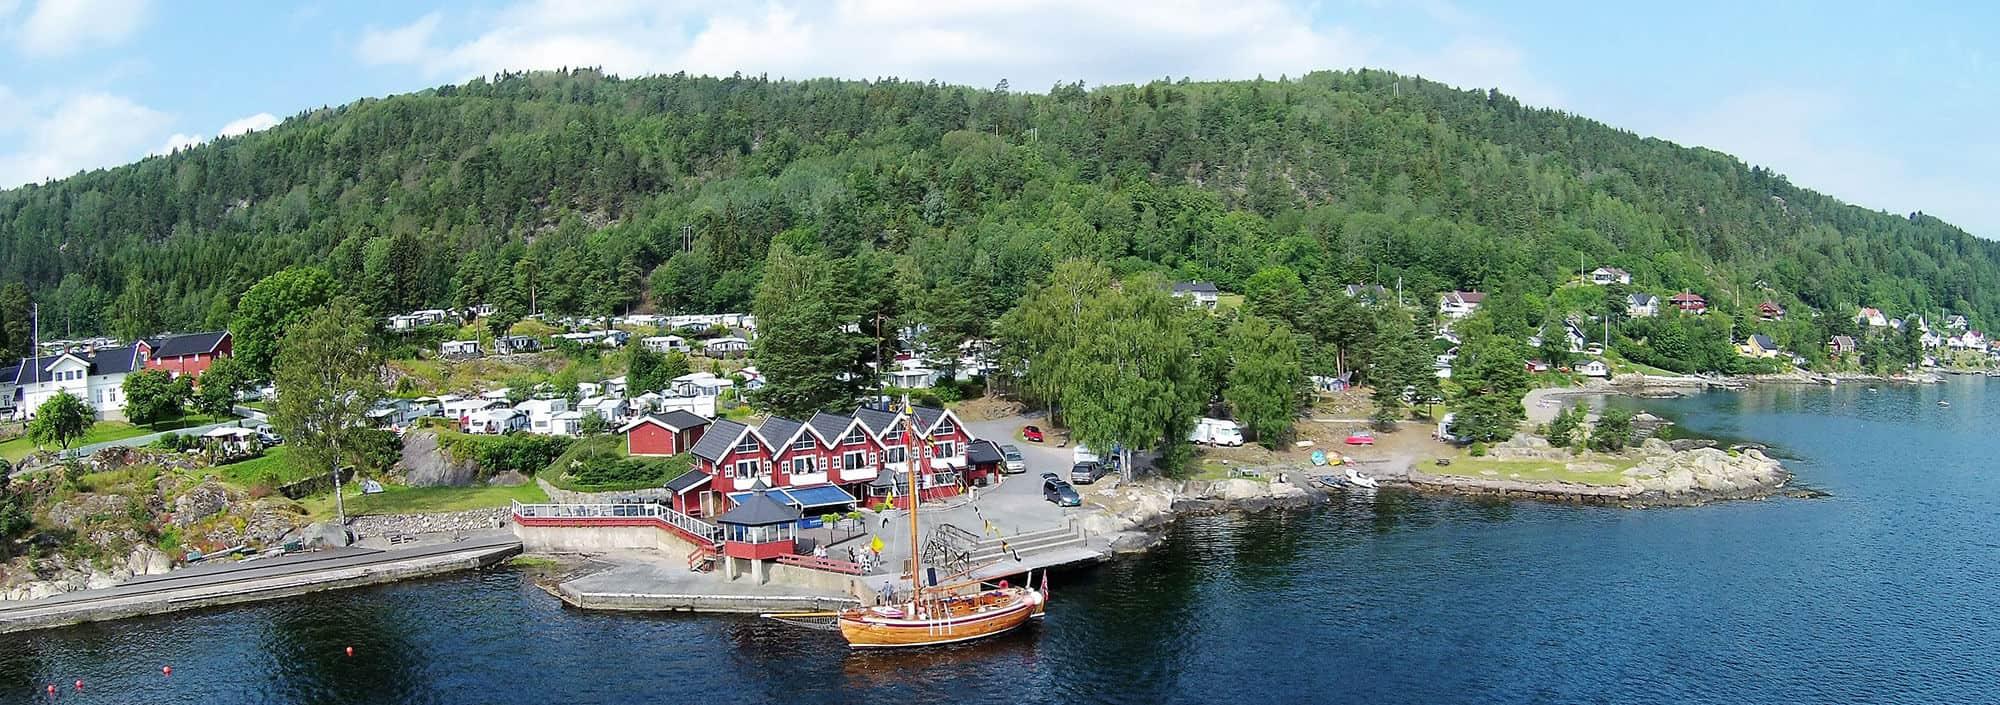 ramton camping noorwegen